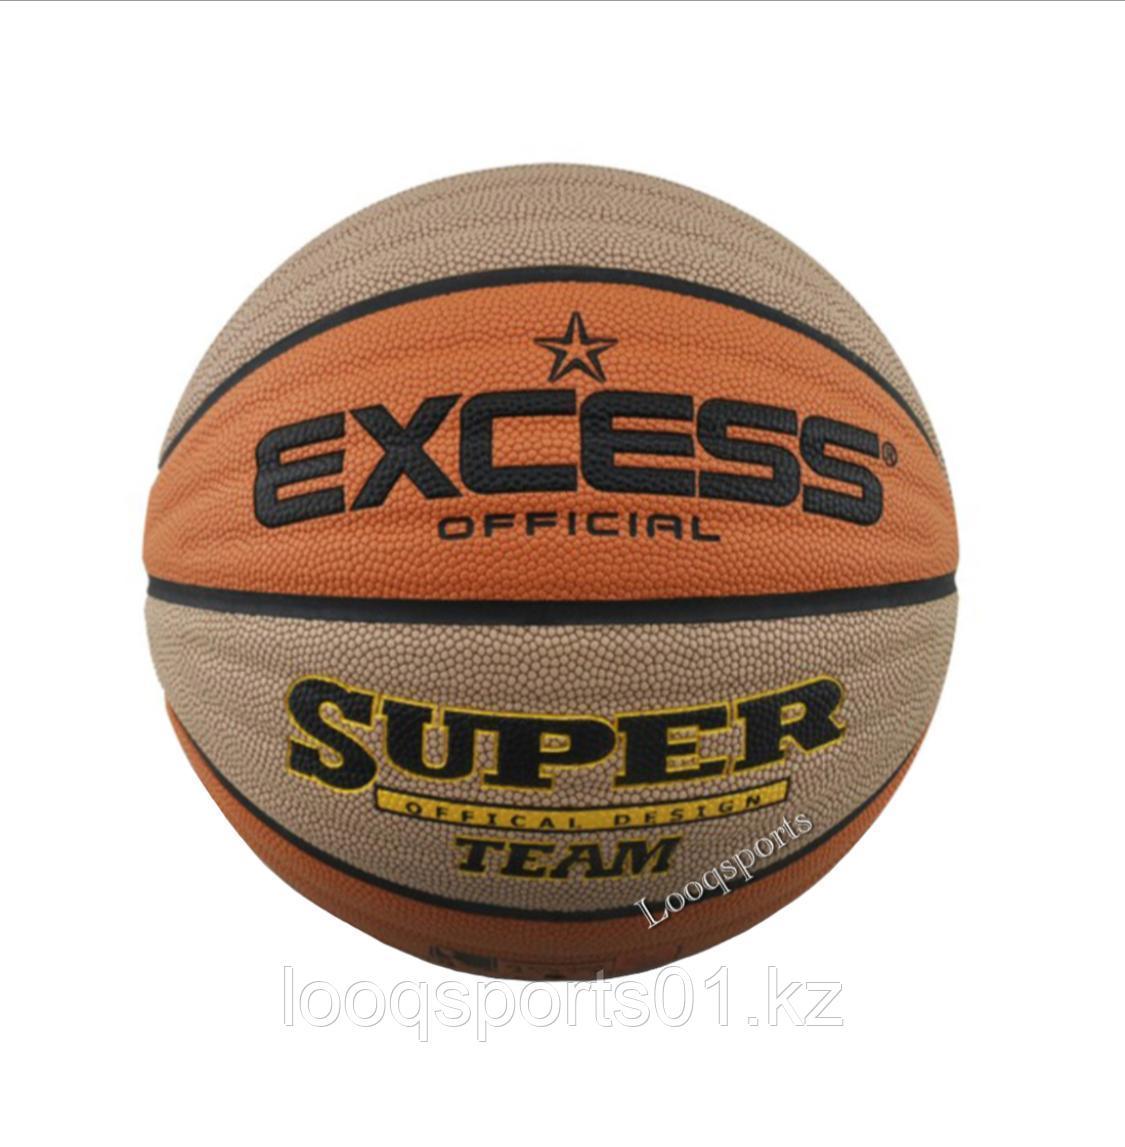 Баскетбольные мячи Excess official